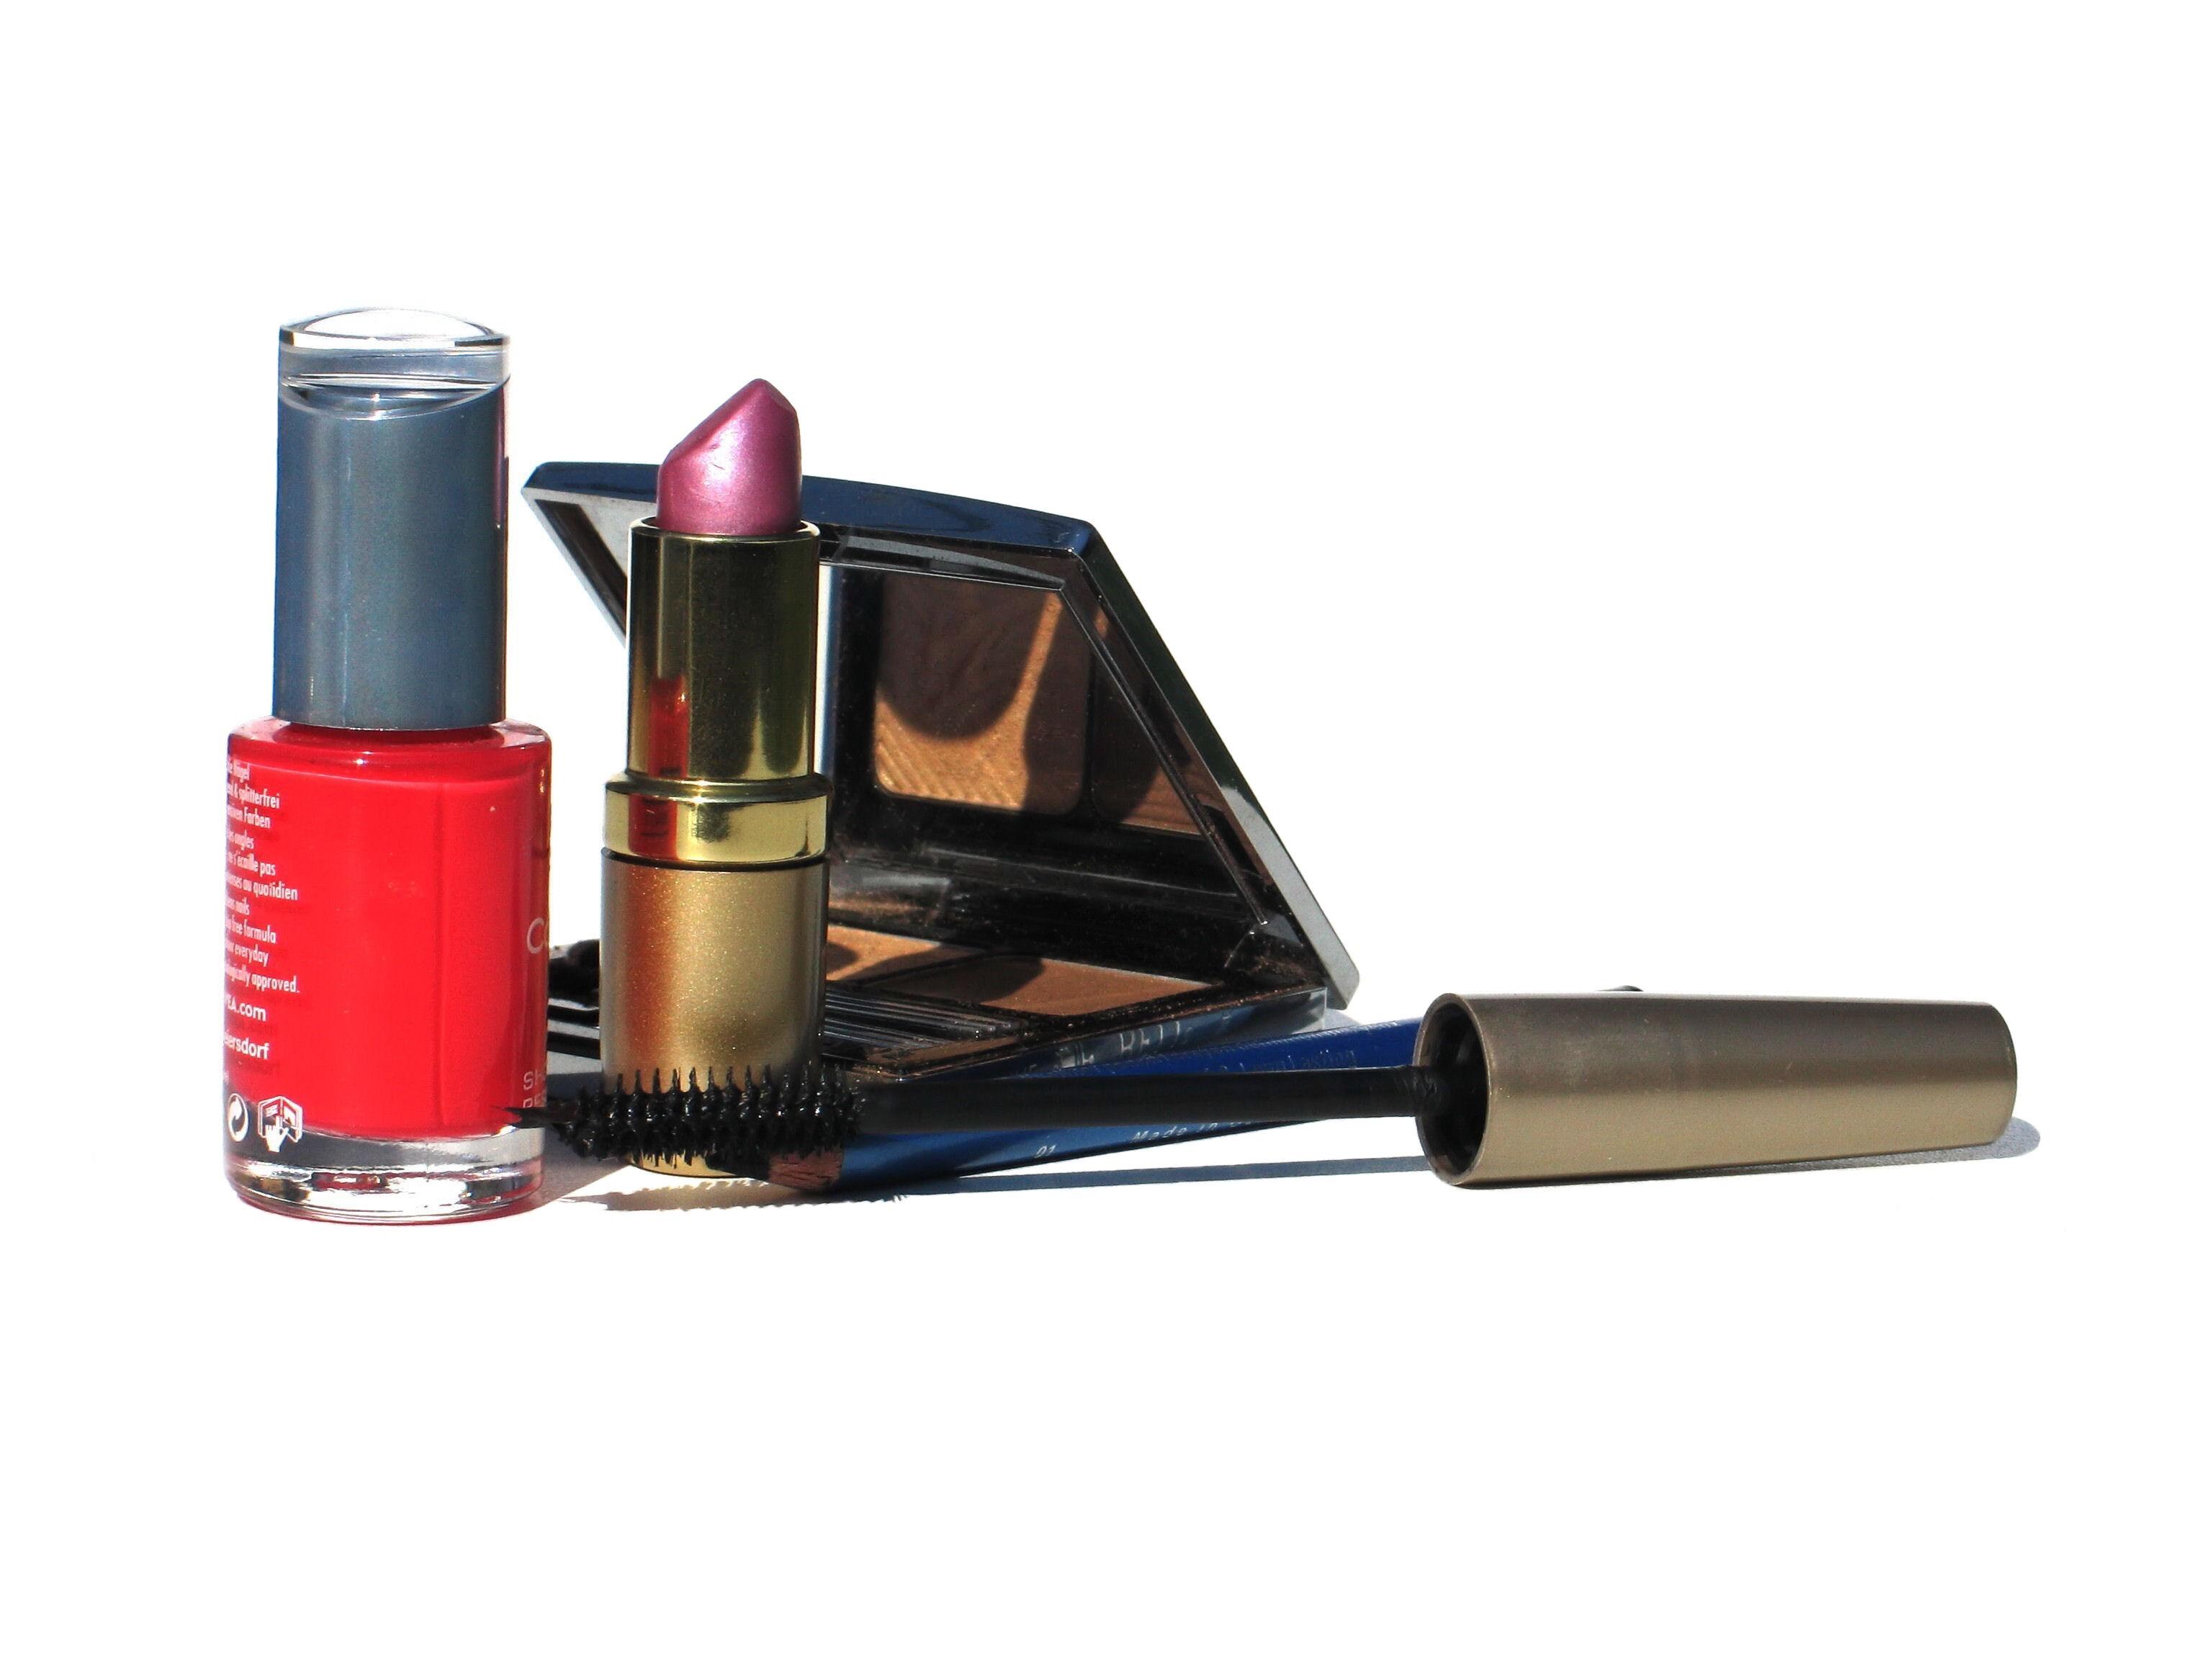 Empfindlich auf Kosmetika? – Greifen Sie auf spezielle, hypoallergene Kosmetik für Allergiker zurück